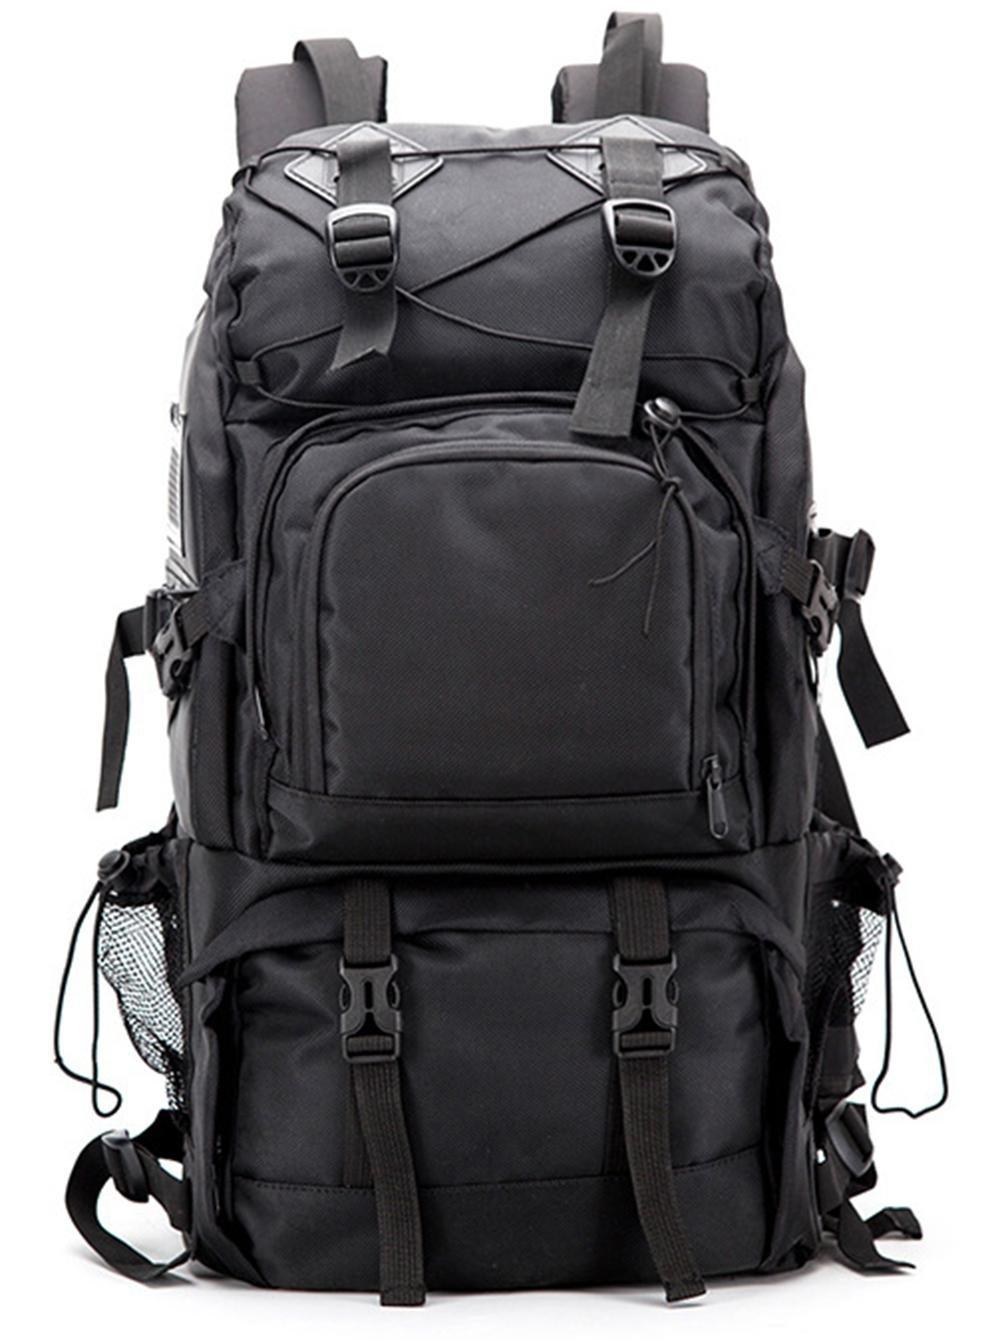 写真撮影のバッグ一眼レフカメラショルダーバッグ防水多機能ファッション B07C3HRMN1